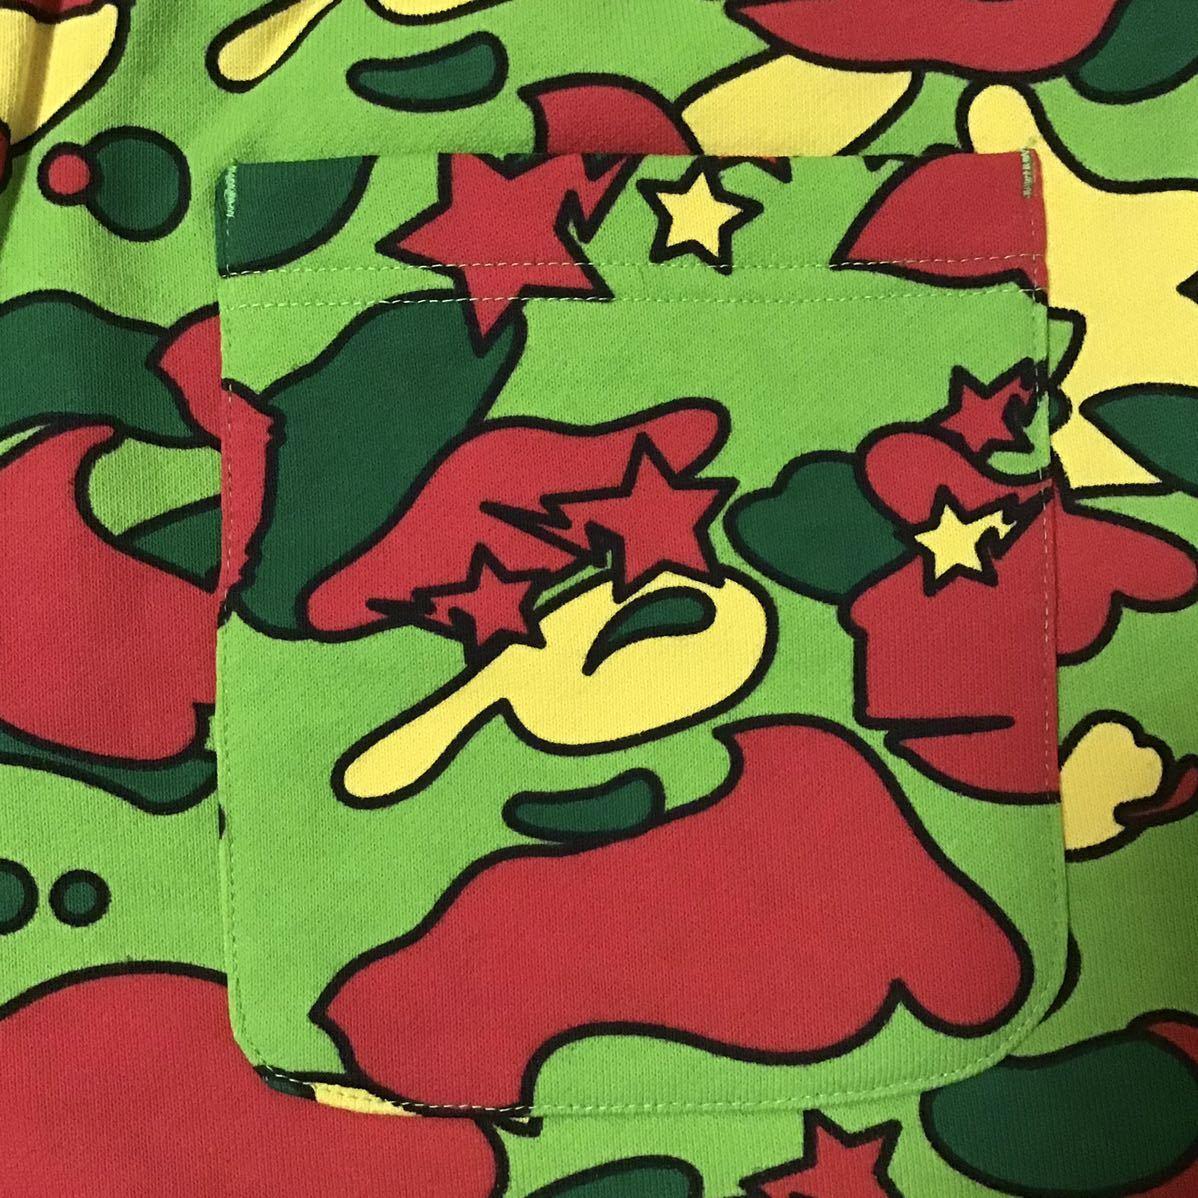 ★新品★ PSYCHE CAMO スウェット ハーフパンツ Lサイズ a bathing ape BAPE sweat shorts エイプ ベイプ アベイシングエイプ ショーツ a42